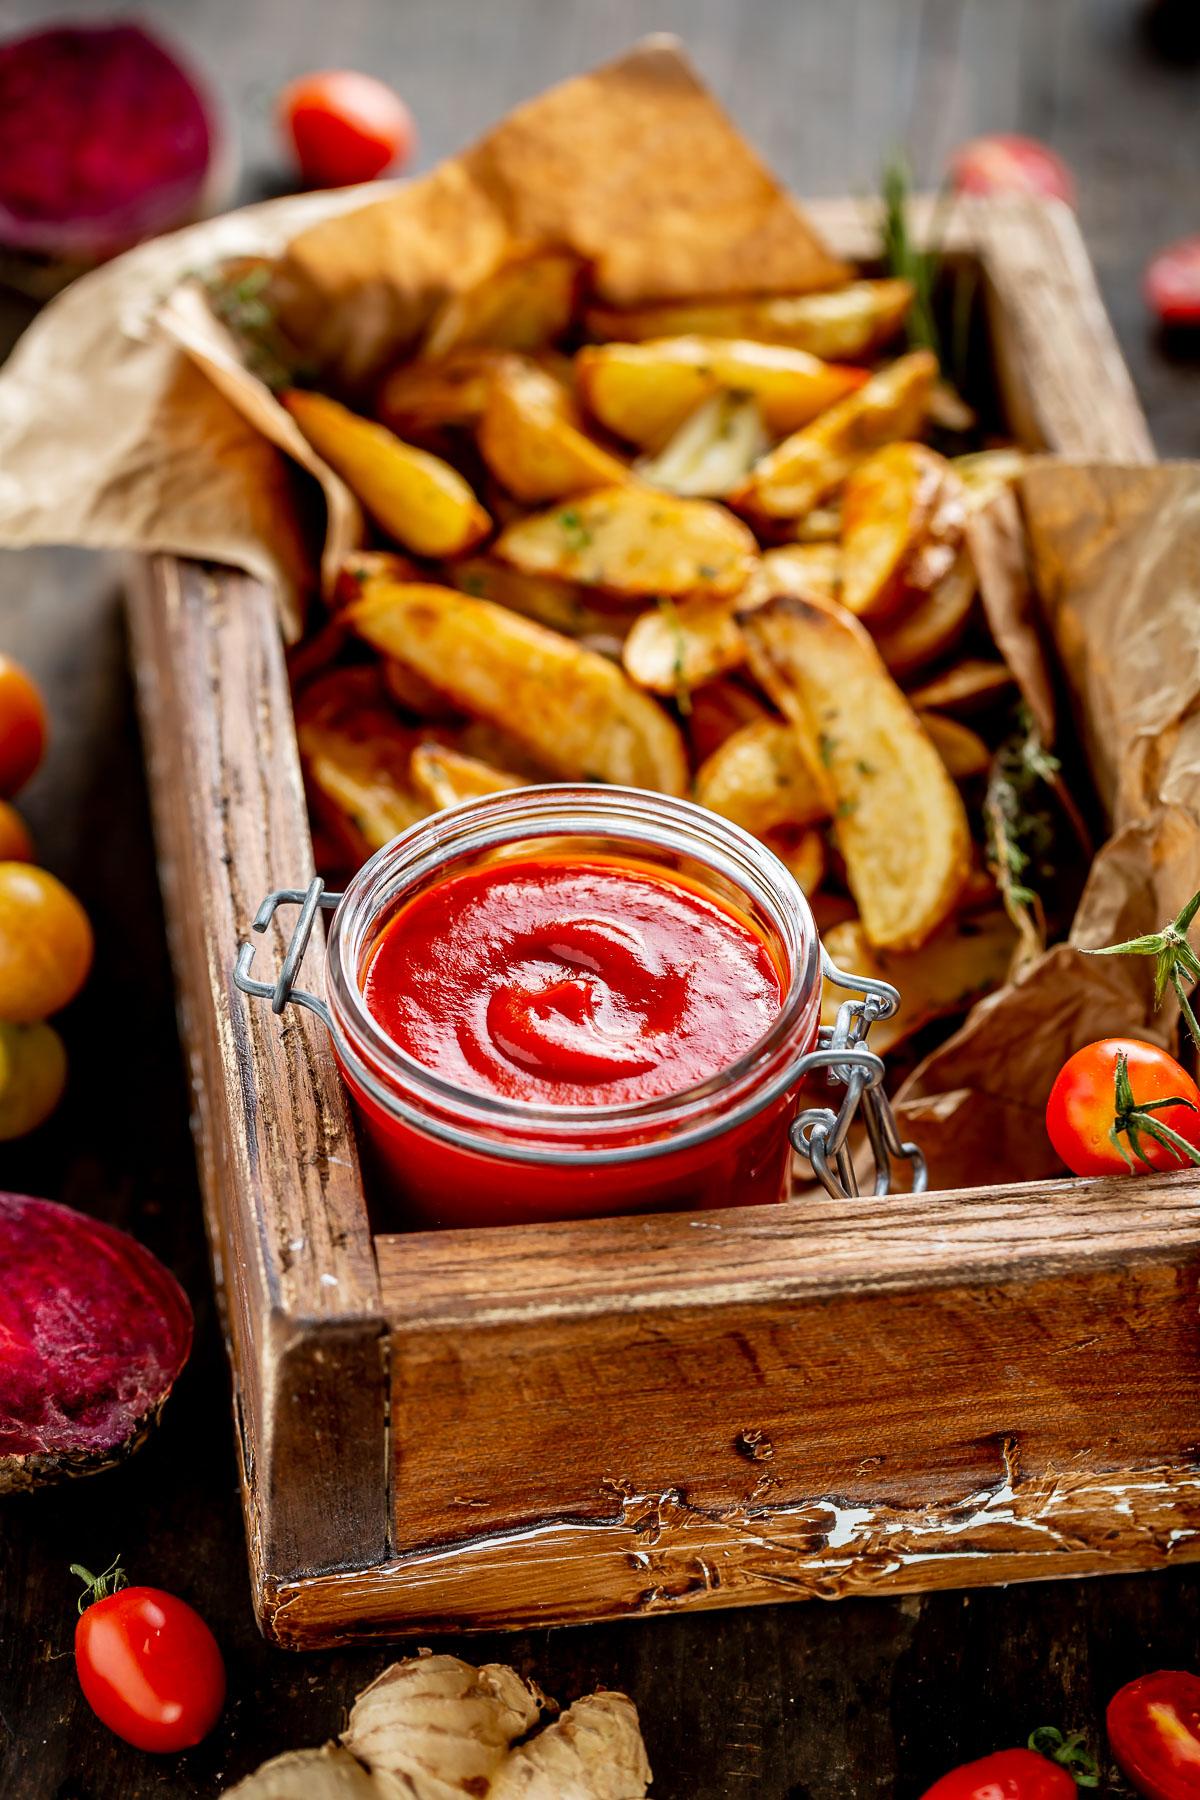 ricetta KETCHUP fatto in casa alla BARBABIETOLA Vegan senza glutine senza zucchero raffinato VEGAN homemade tomato BEET ketchup recipe refined sugar free #healthy